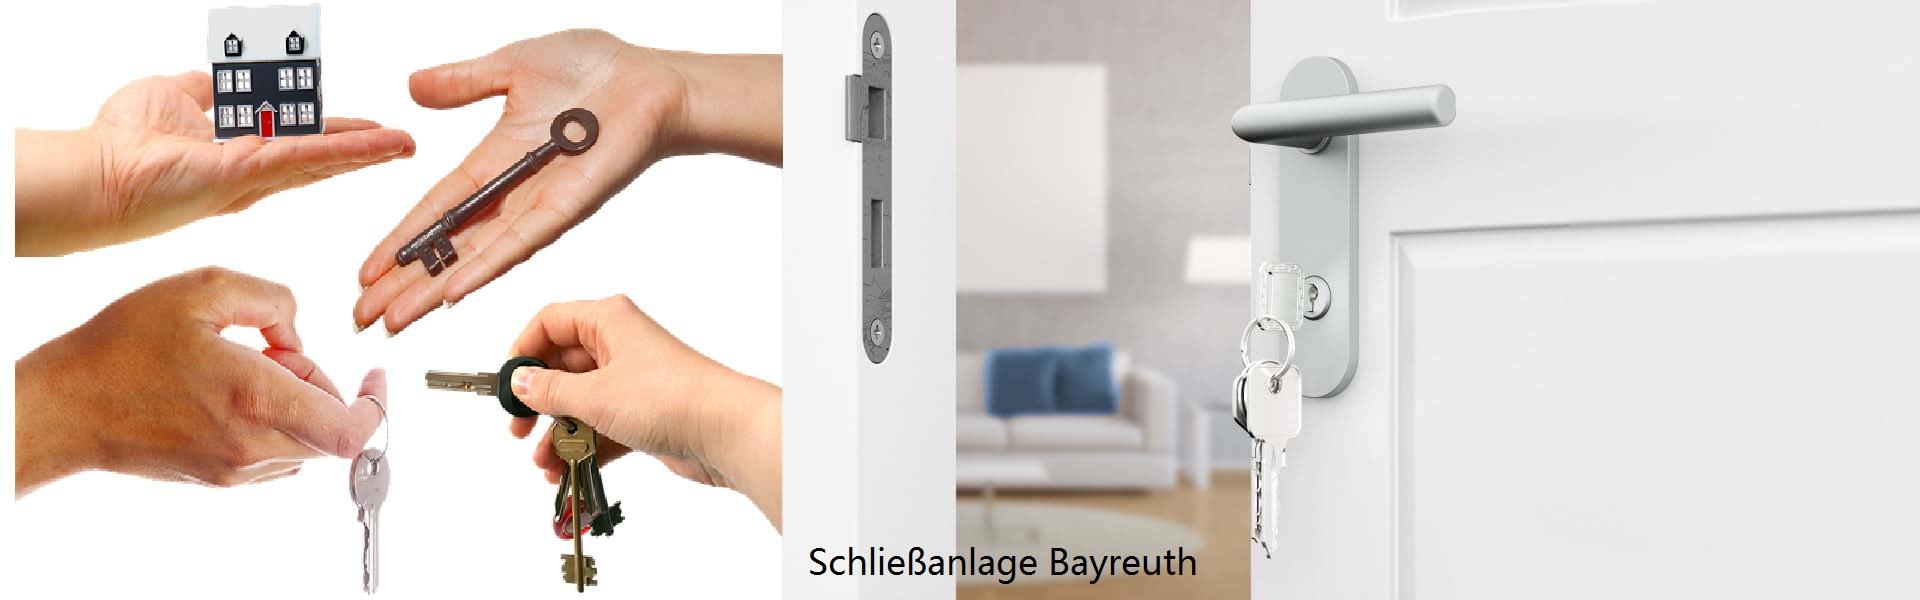 Schließanlage Bayreuth Schlüsselübergabe